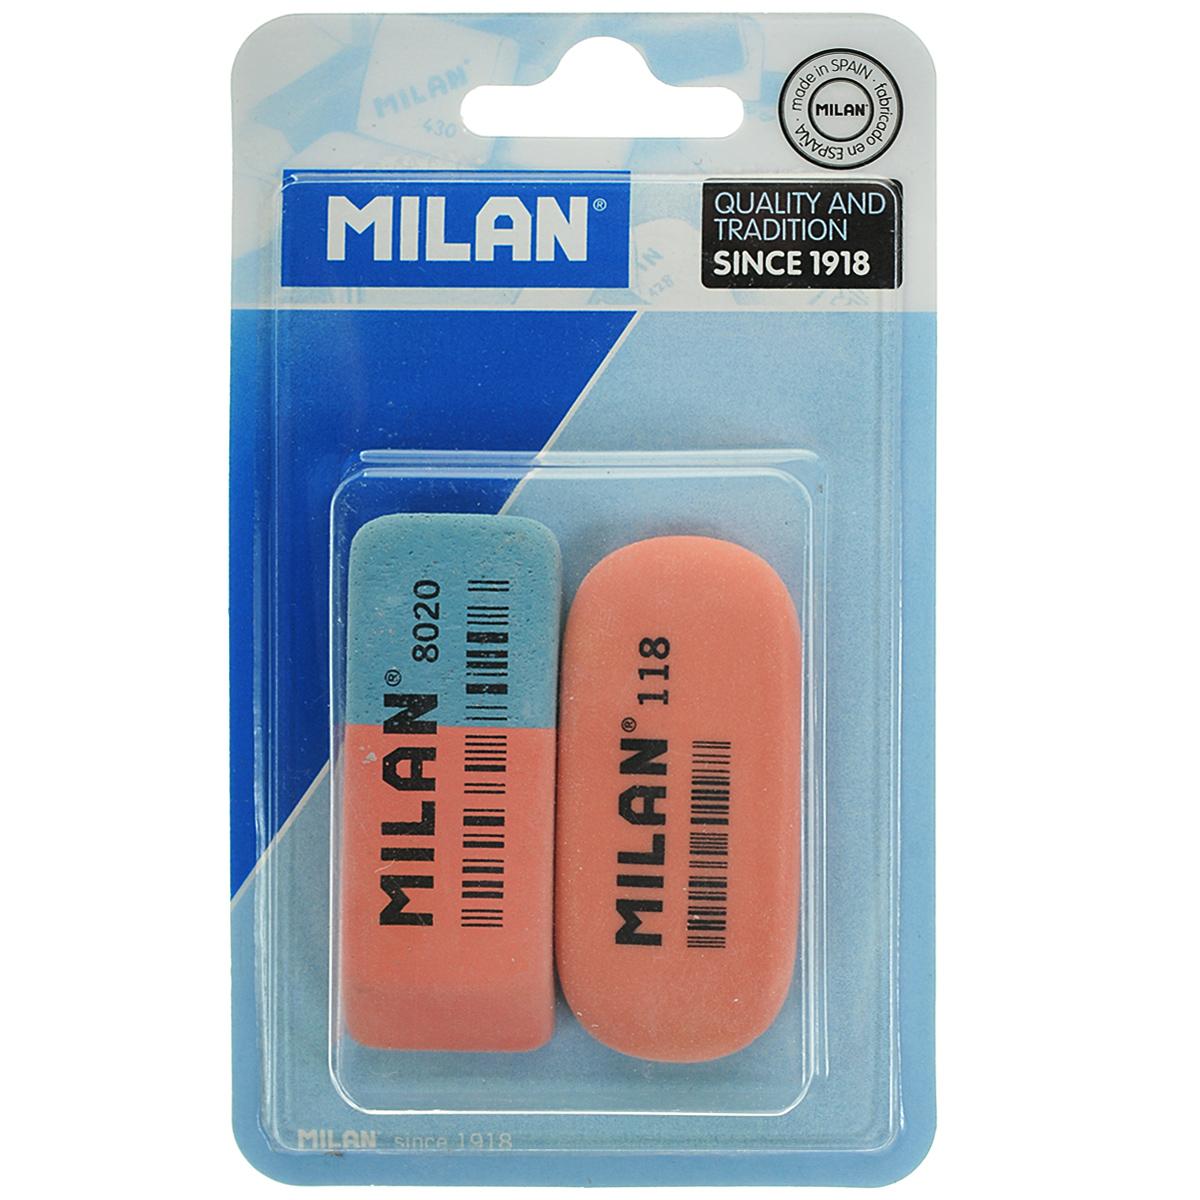 Набор ластиков Milan, 2 шт. 8020+118//92168020+118//9216Ластики из набора Milan предназначены для стирания карандашей и чернил с бумаги различной плотности. Один из ластиков - натуральный. Синяя сторона другого ластика предназначена для работы с цветными пигментами и чернилами, красная - для графитовых надписей.В комплекте два ластика.